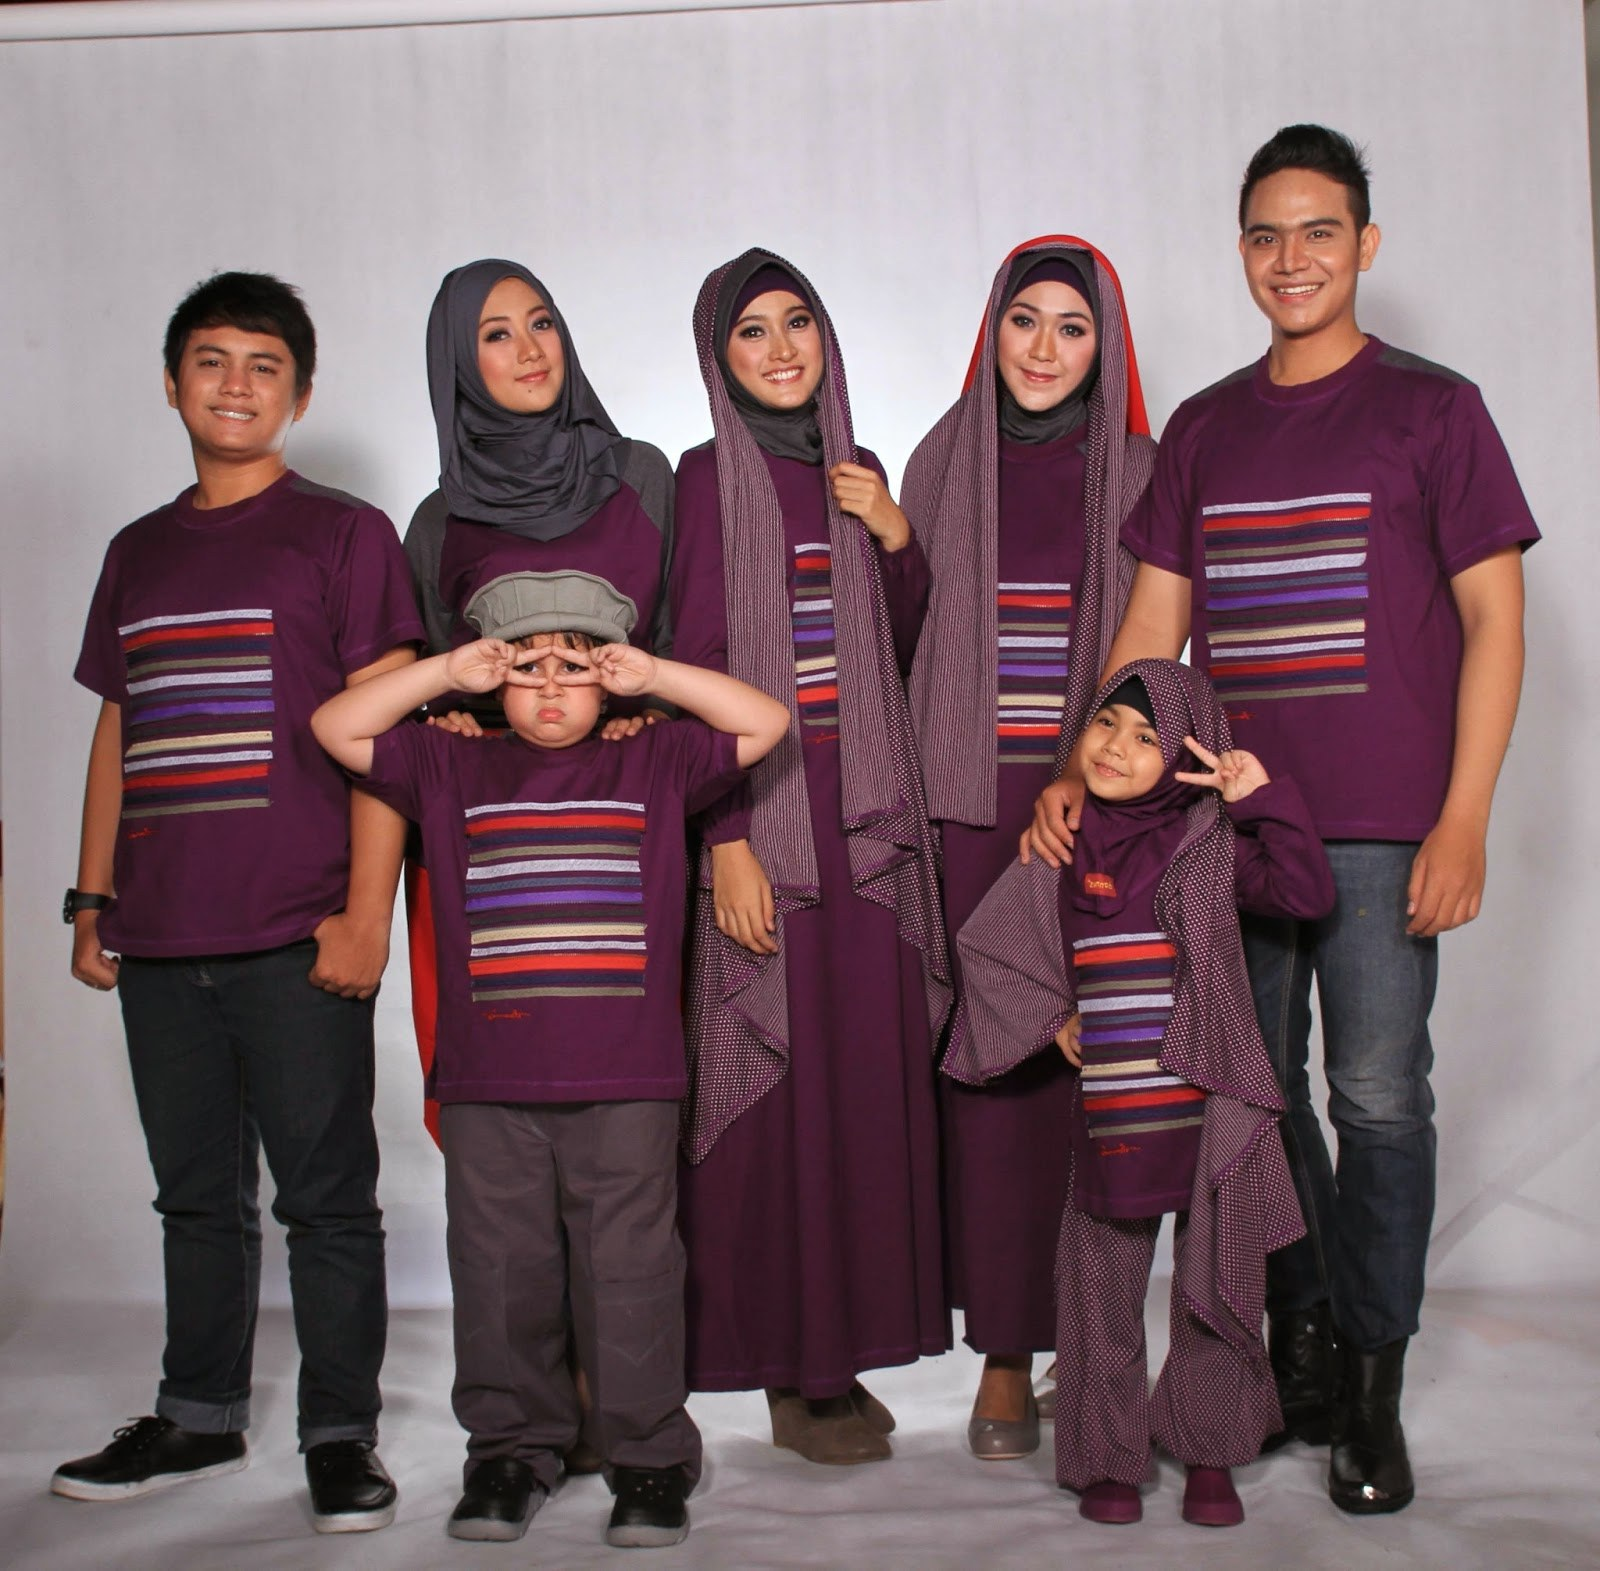 Model Baju Lebaran Keluarga Sby D0dg 25 Model Baju Lebaran Keluarga 2018 Kompak & Modis